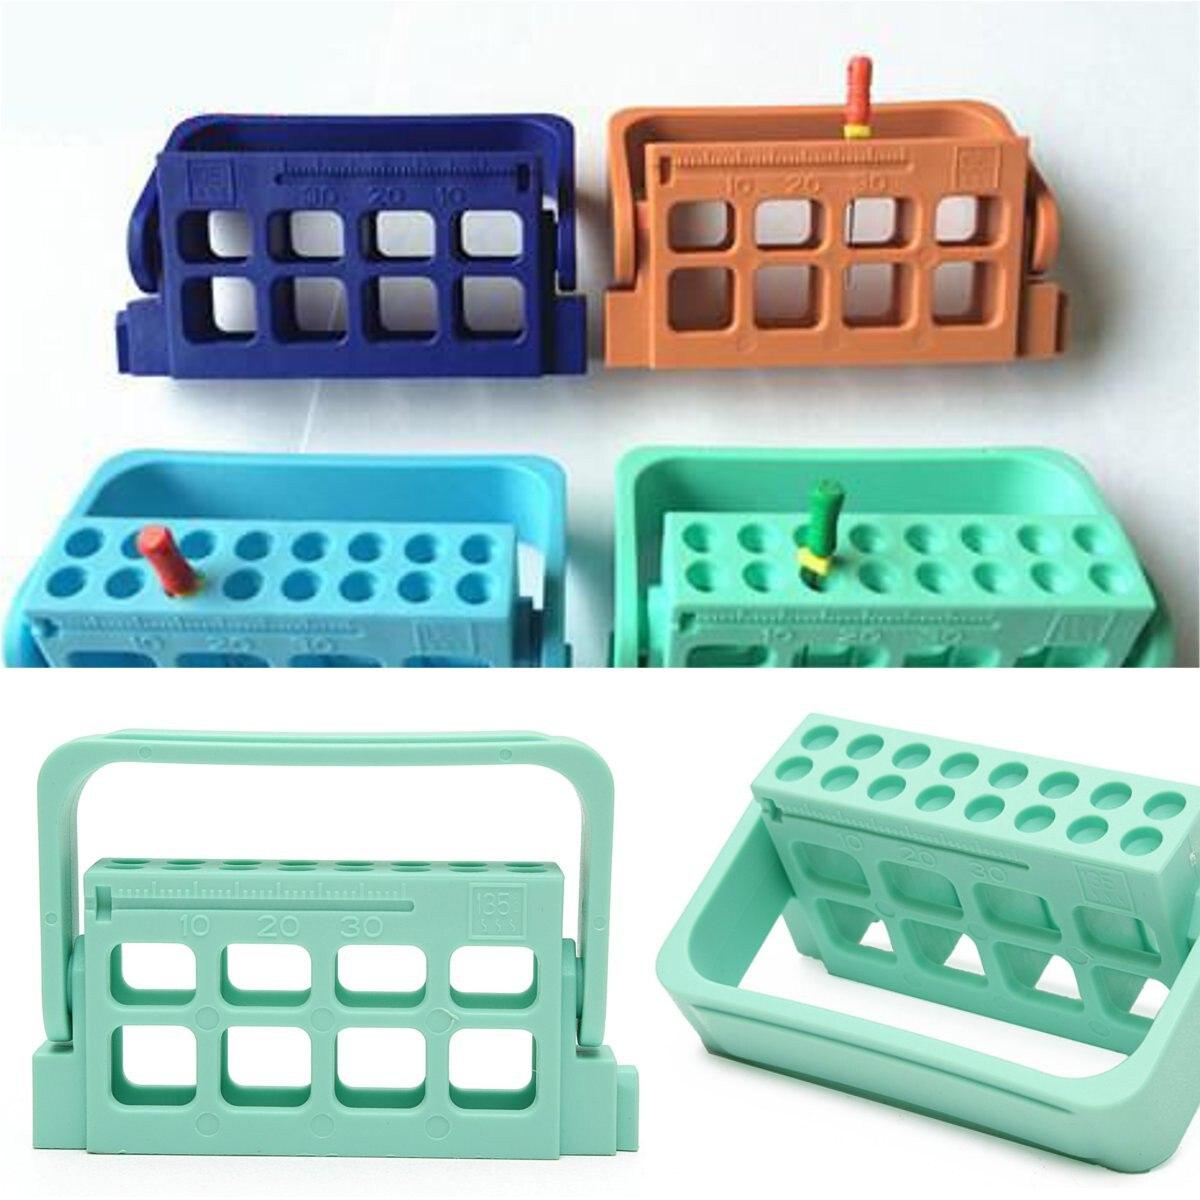 16 отверстий Держатель зубных боров Алмазный полировальный блок подставка автоклавная дезинфекционная коробка высокоскоростной Бур након...